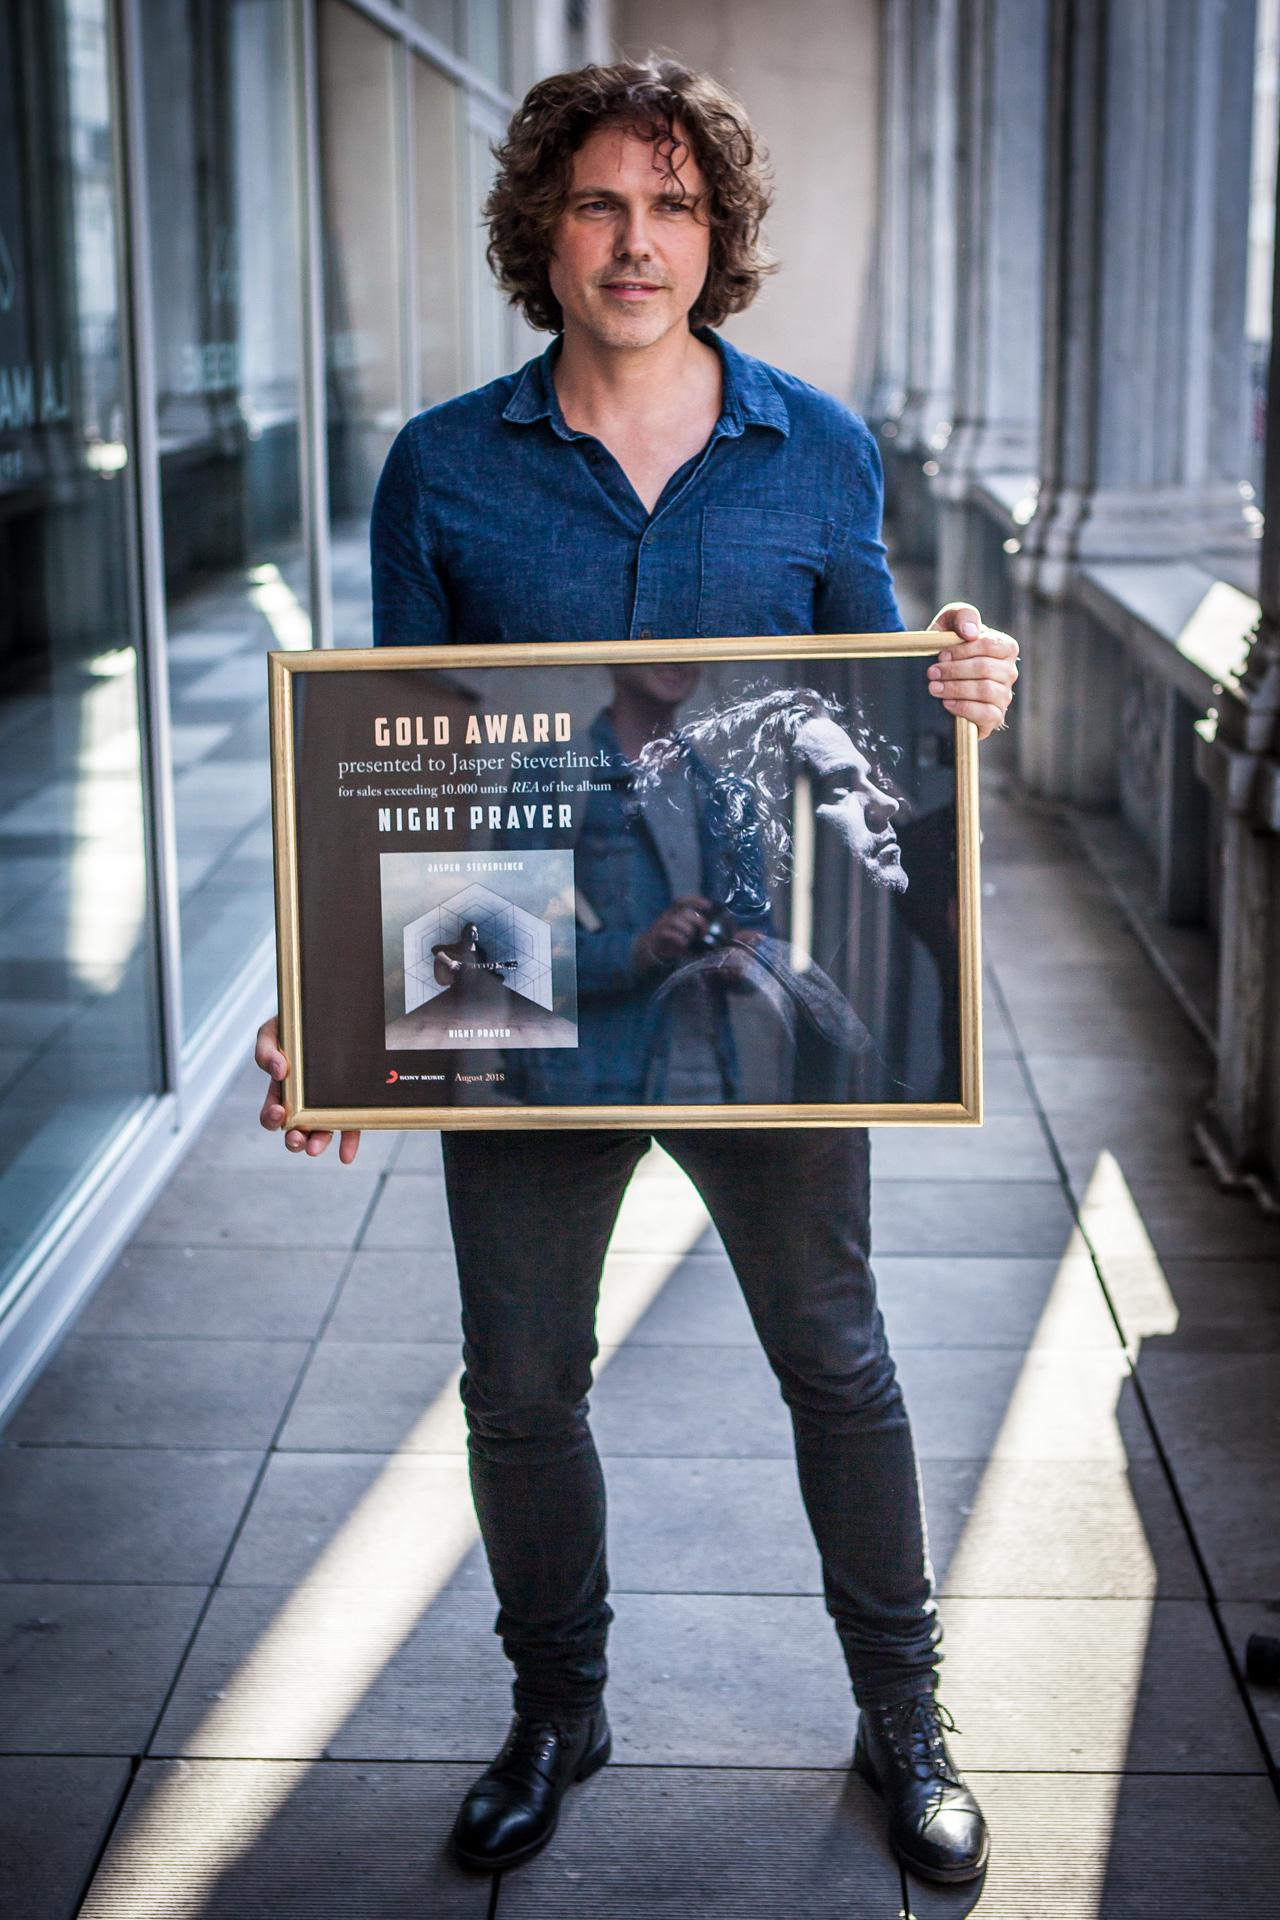 Golden record for Jasper Steverlinck!